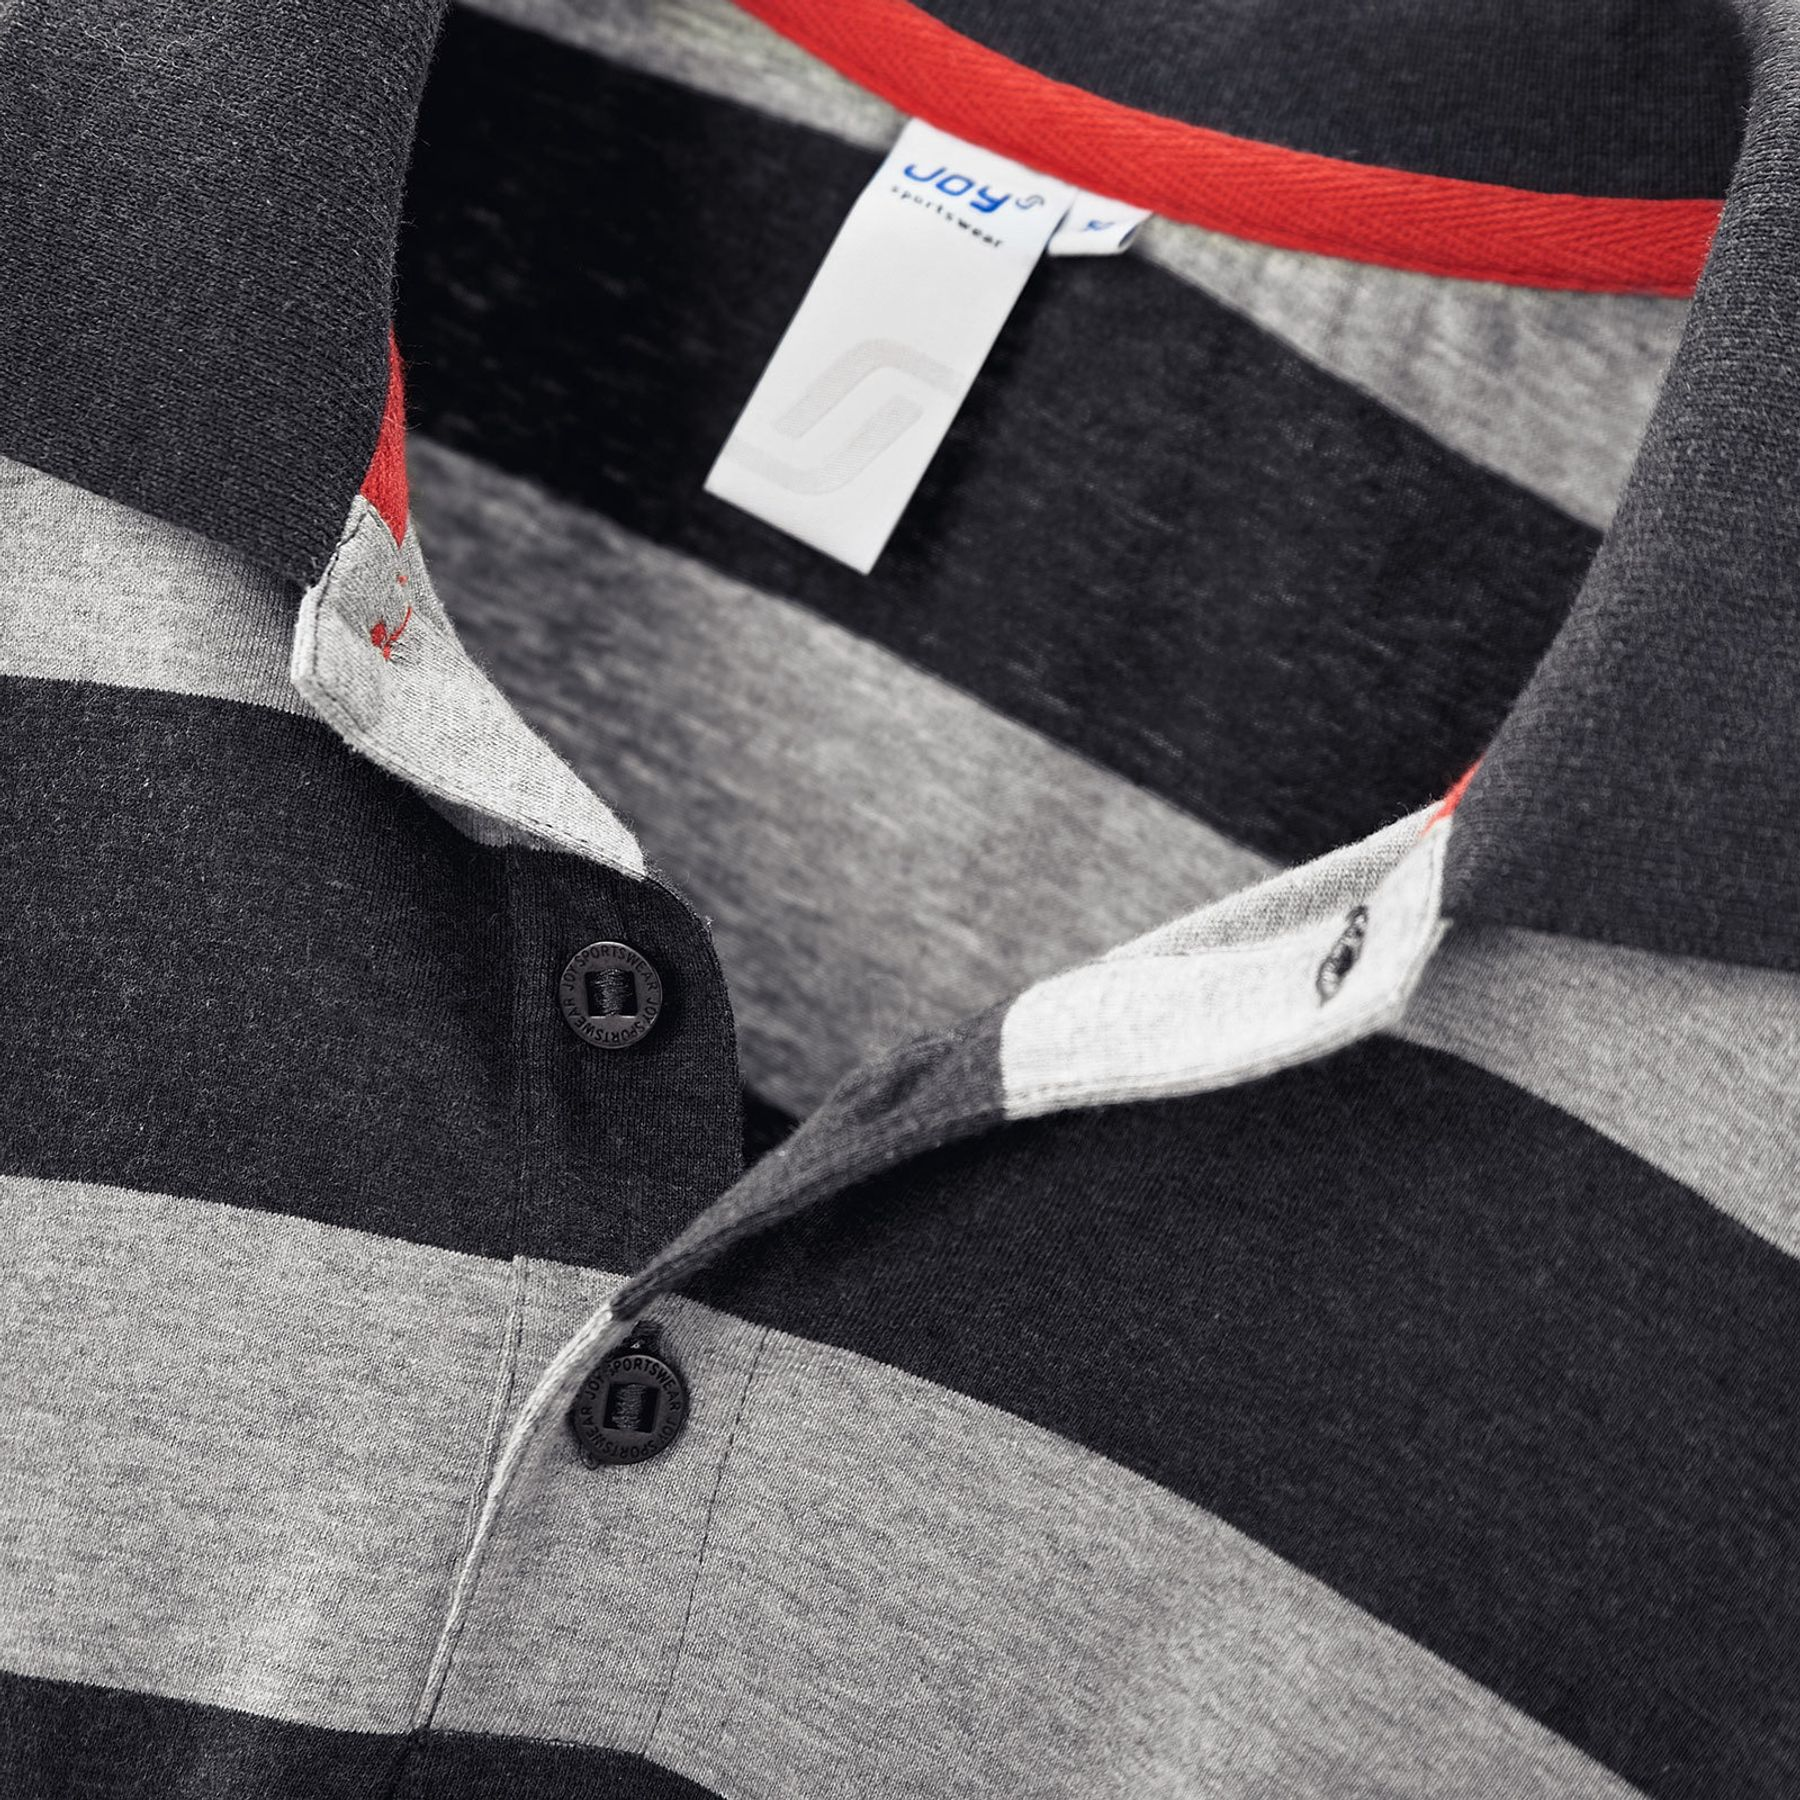 Joy - Herren Sport und Freizeit Poloshirt, Benito (40222) – Bild 12